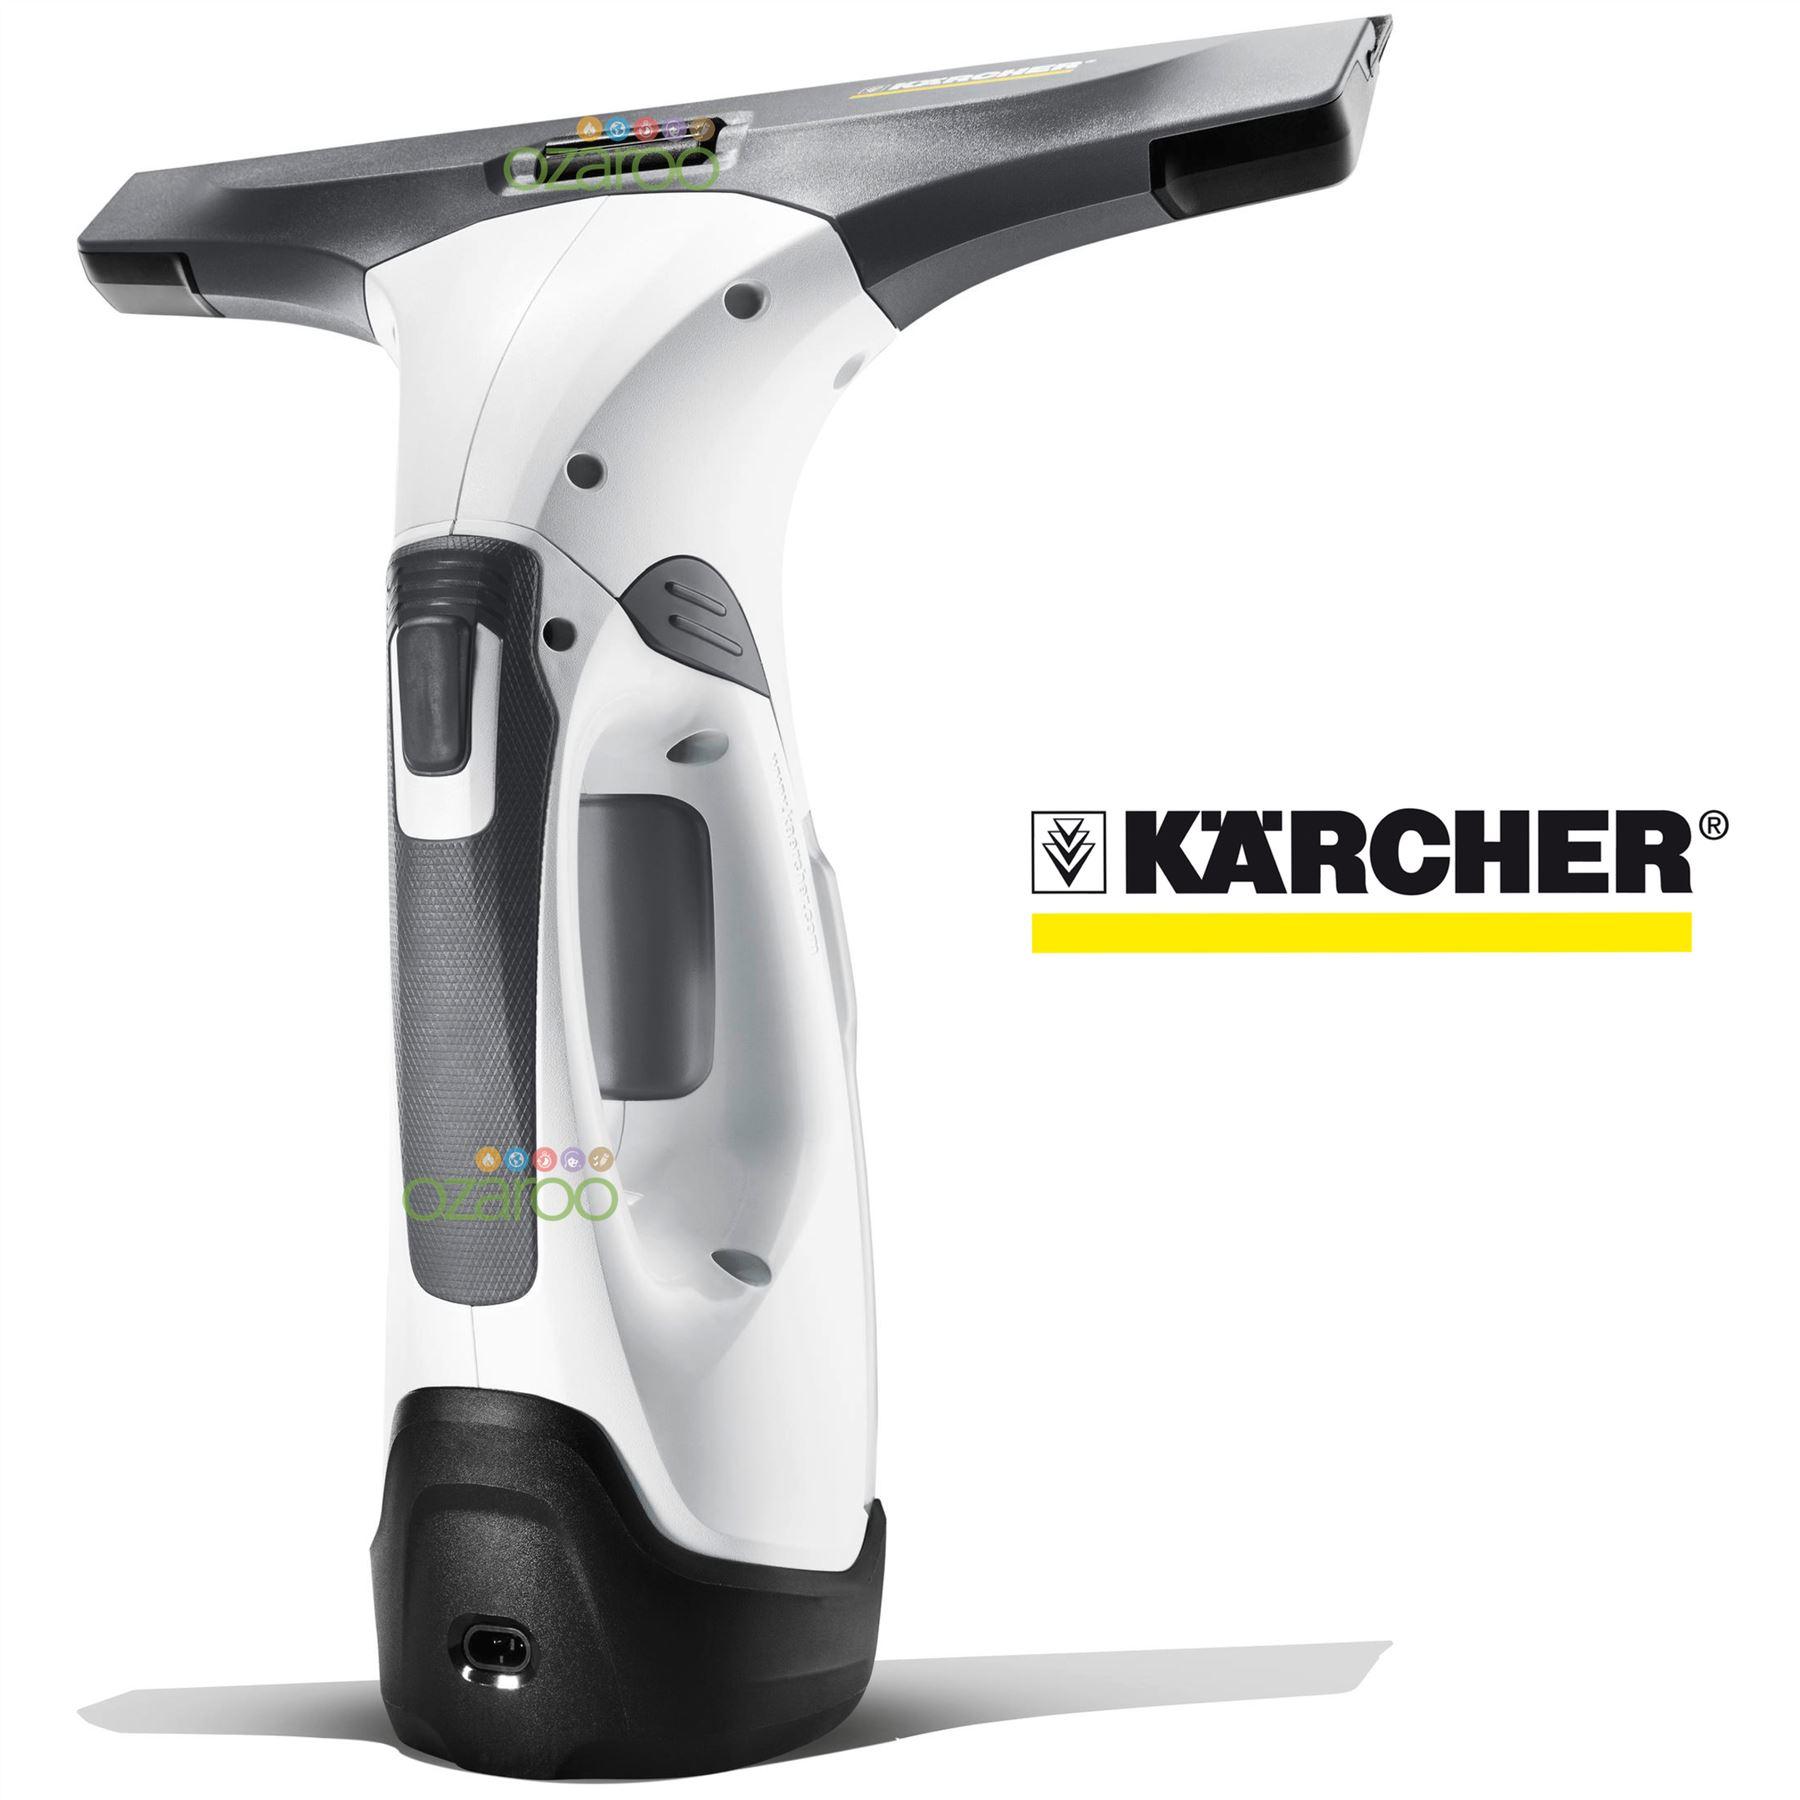 Karcher Wv5 Premium 2nd Gen Rechargebale Window Vacuum